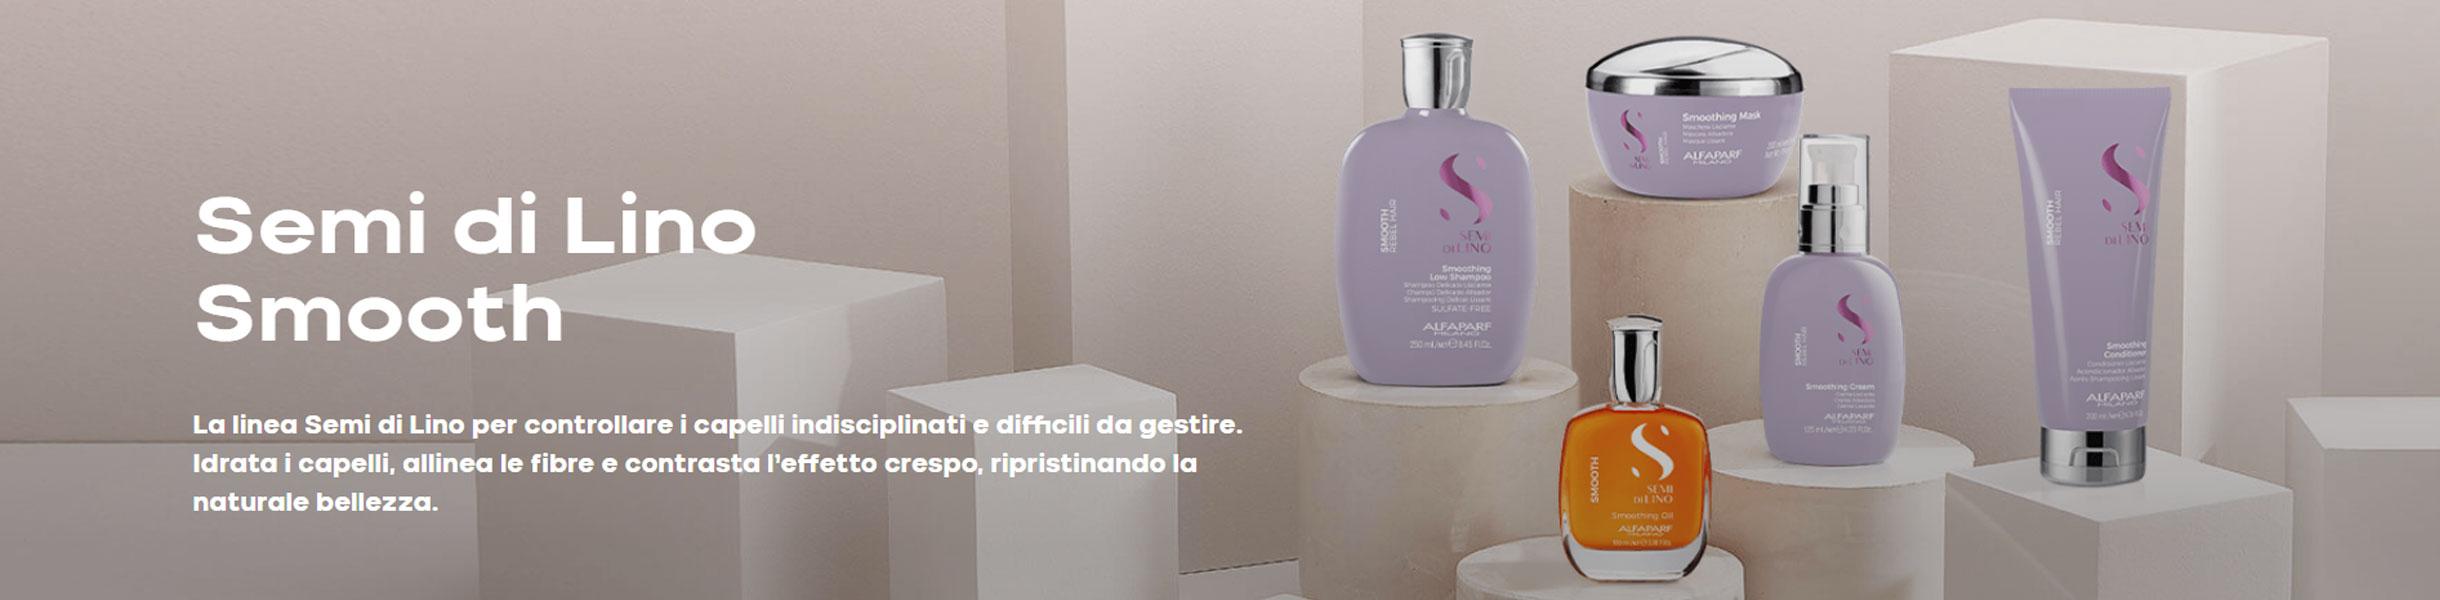 SEMI DI LINO SMOOTH